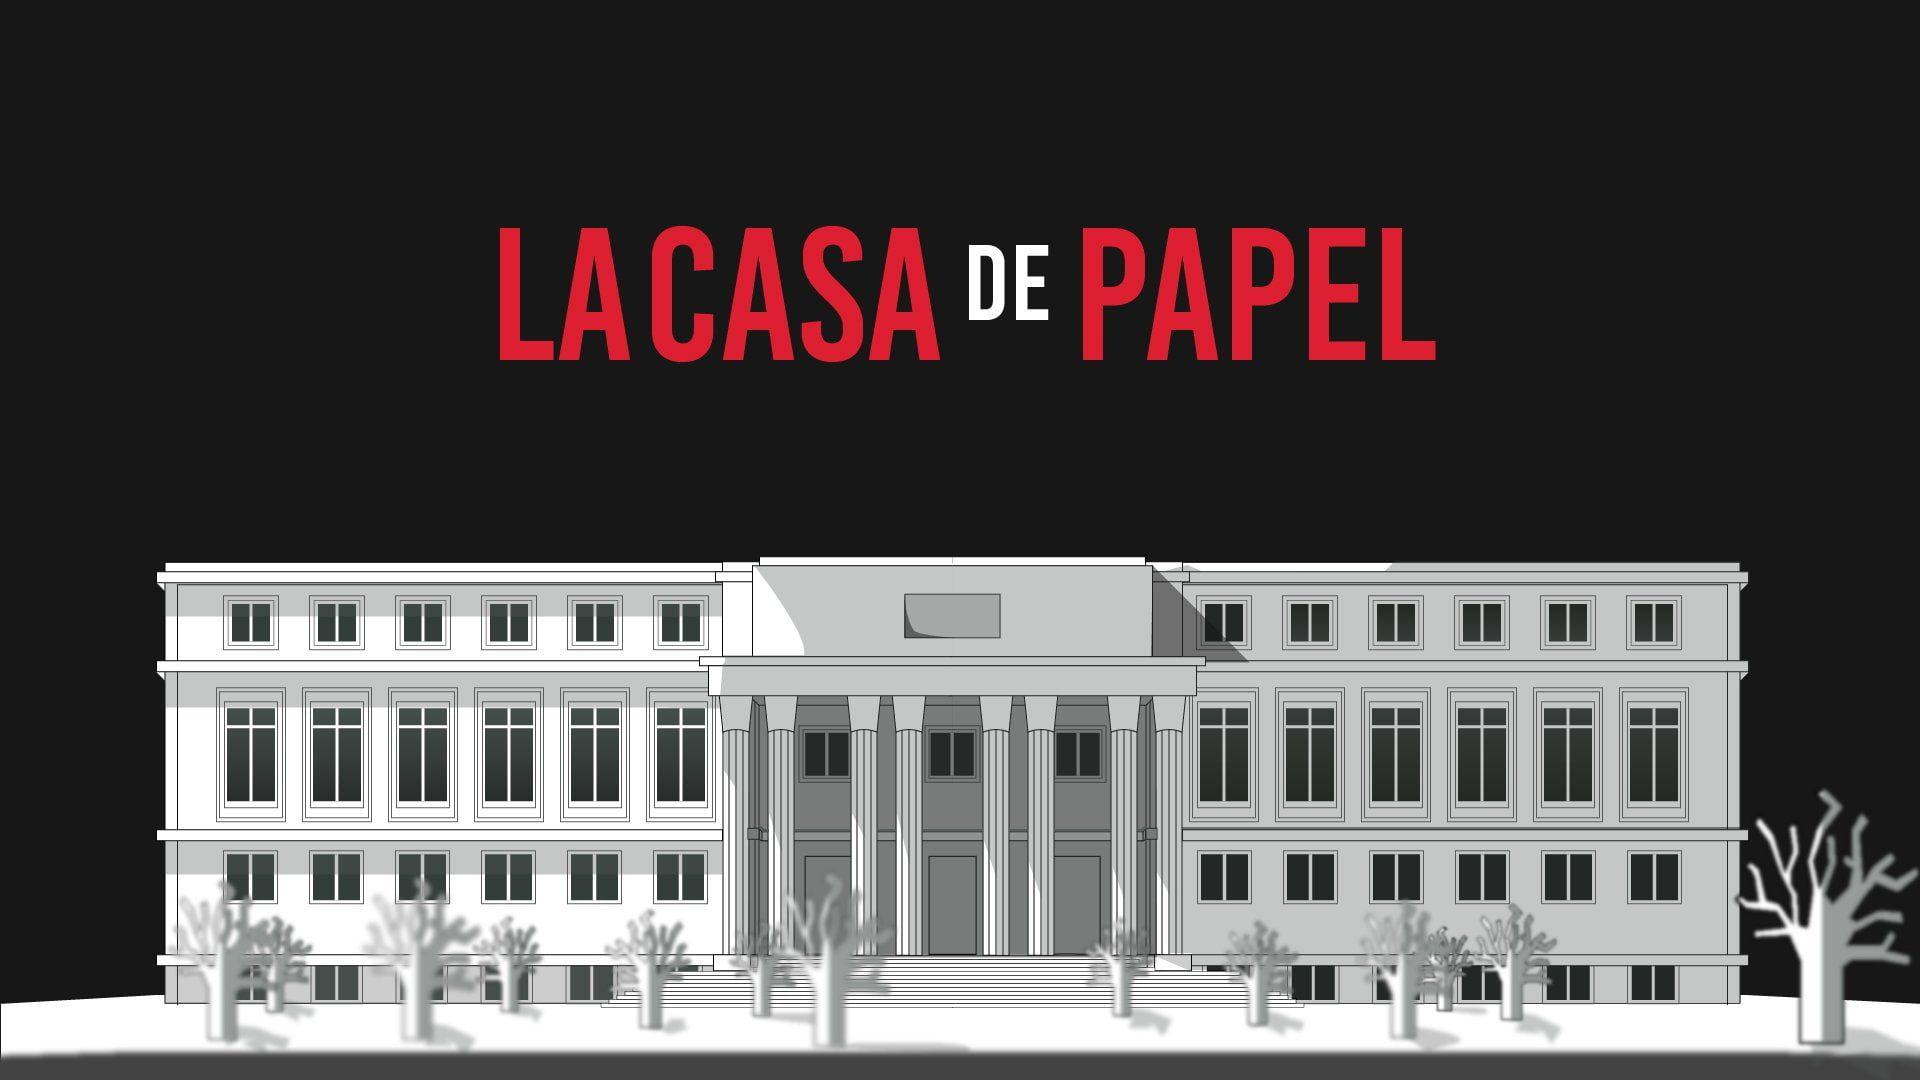 Tv Show La Casa De Papel 1080p Wallpaper Hdwallpaper Desktop